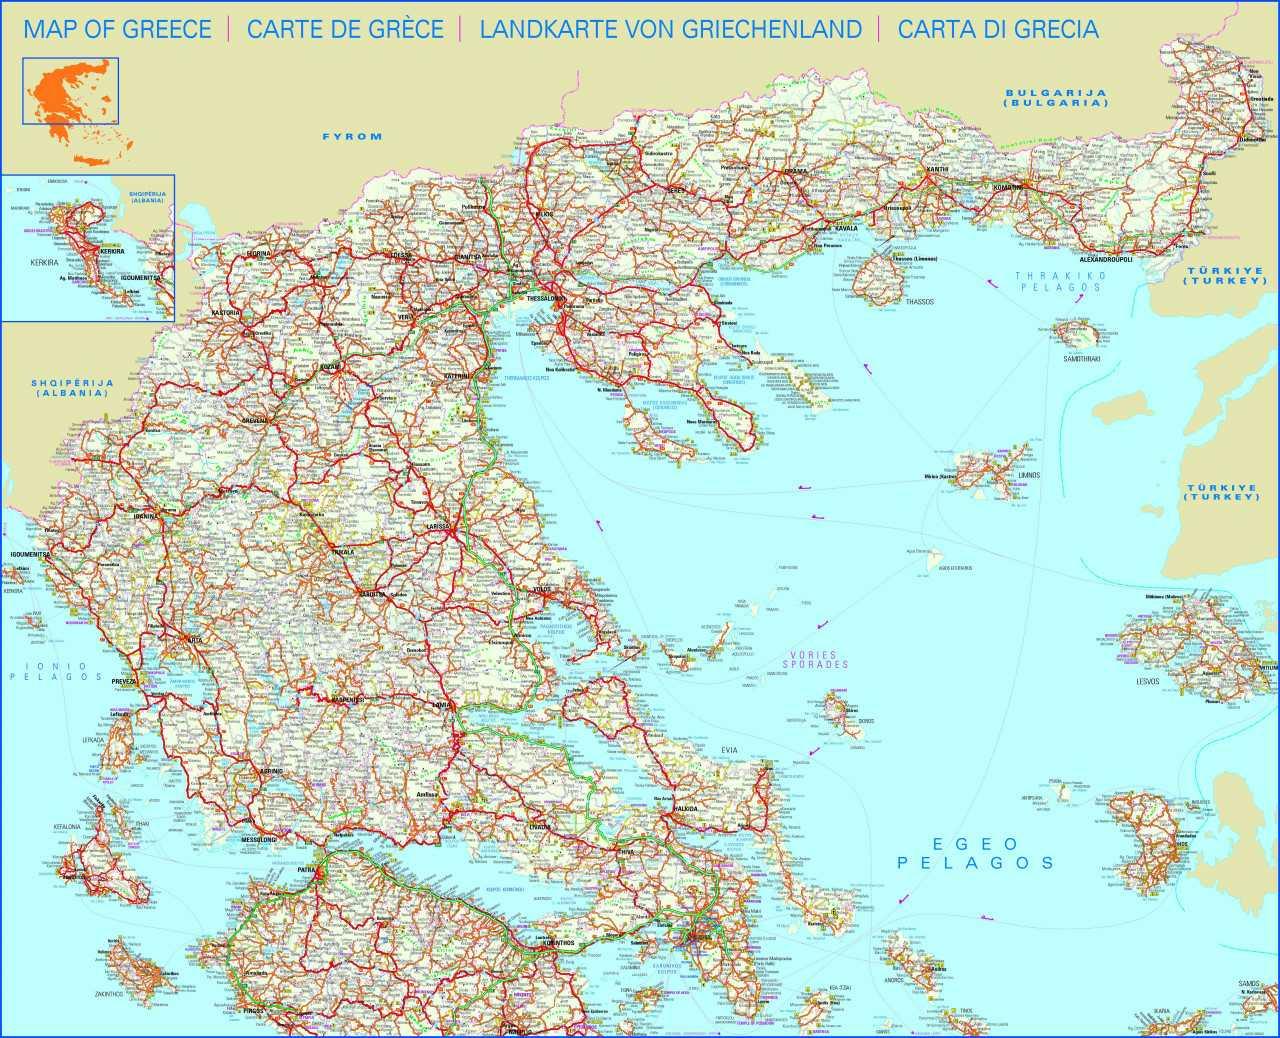 grecia - photo #49